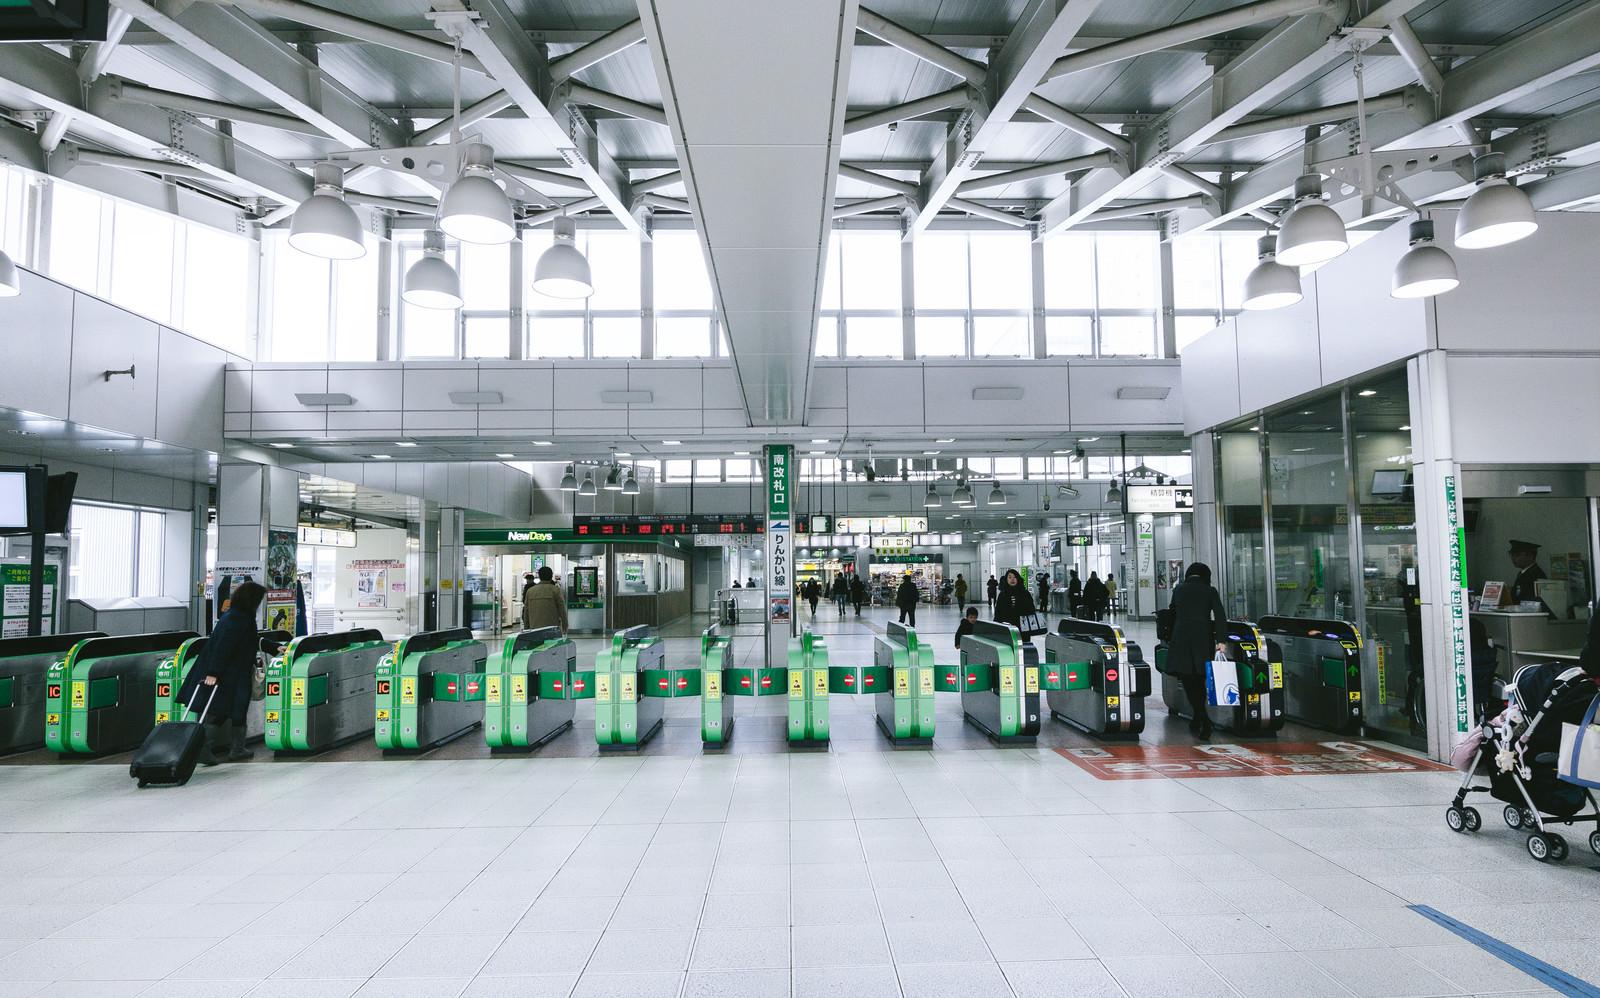 「JR大崎駅前改札」の写真